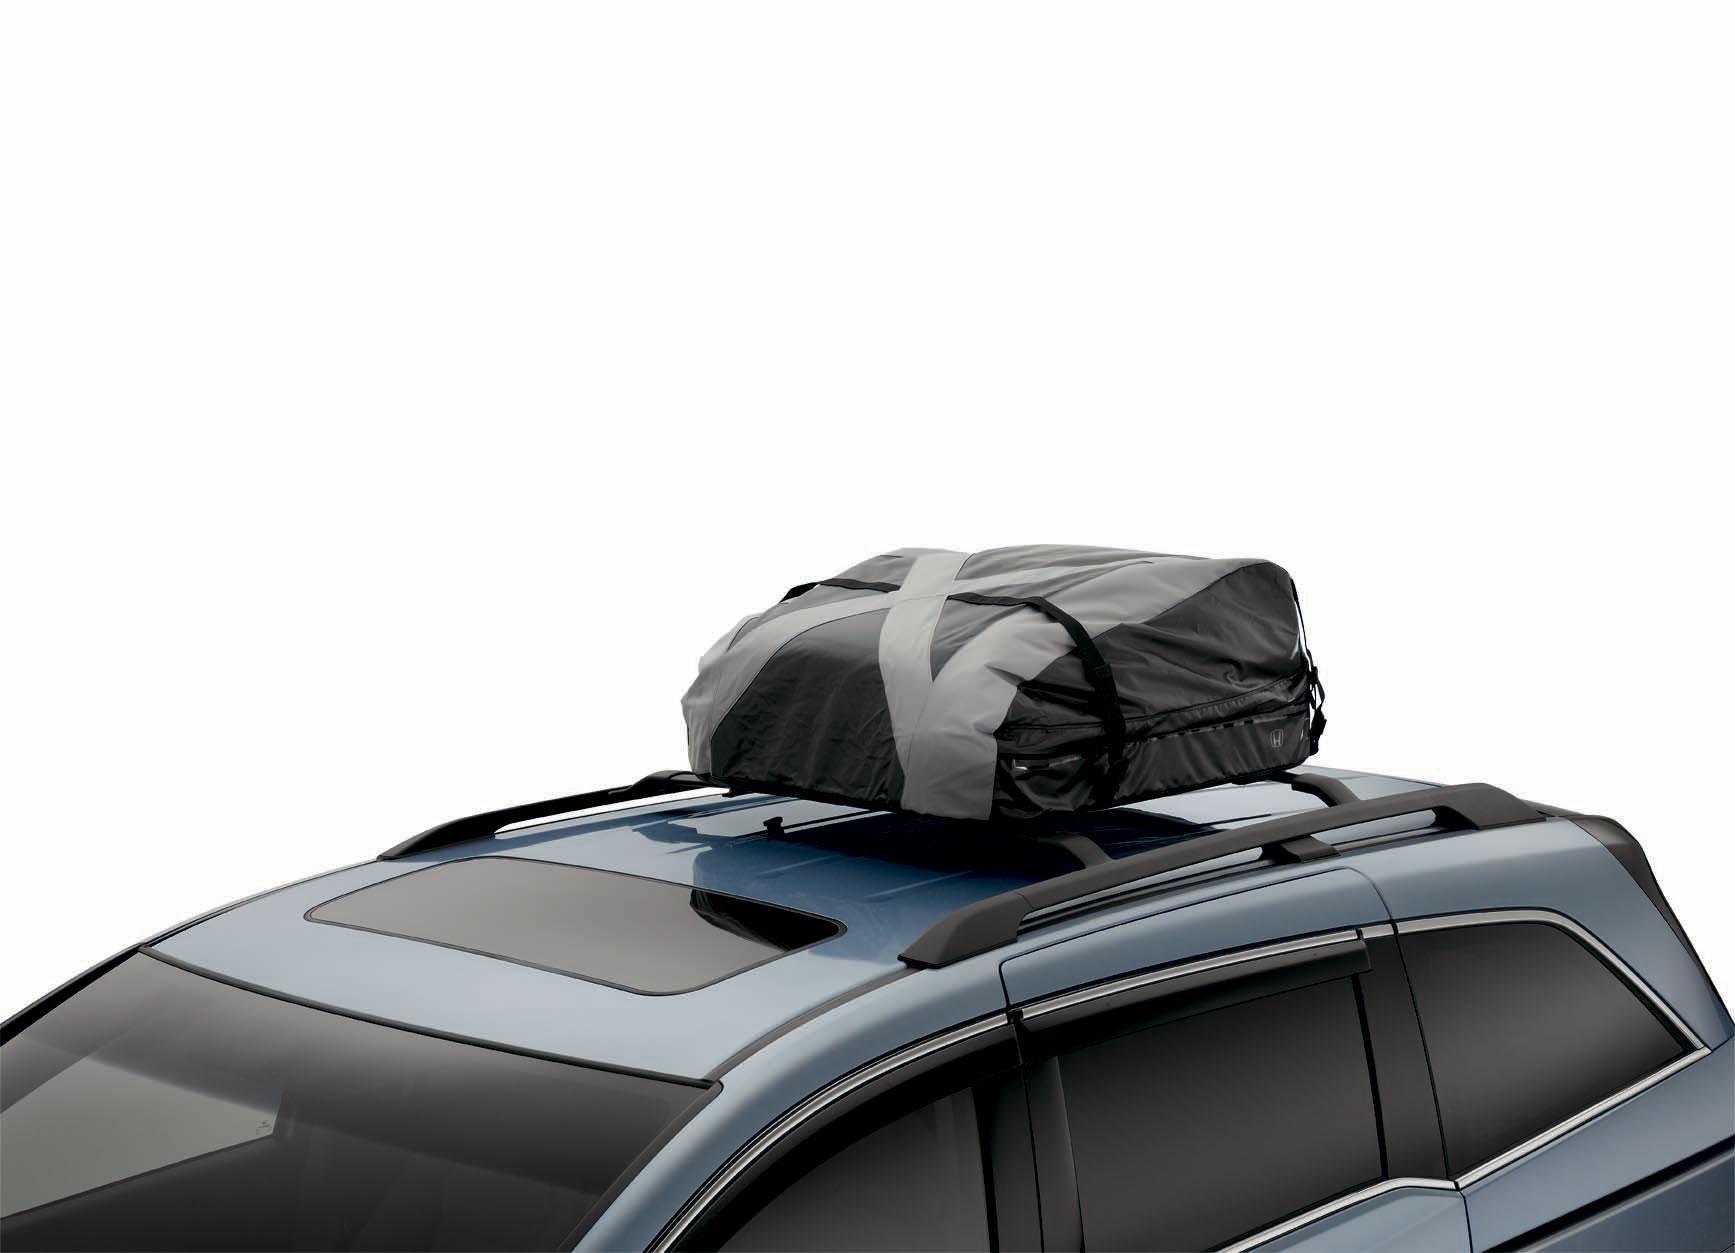 Soft Cargo Bag Odyssey 08L20-E09-100 - $310.95